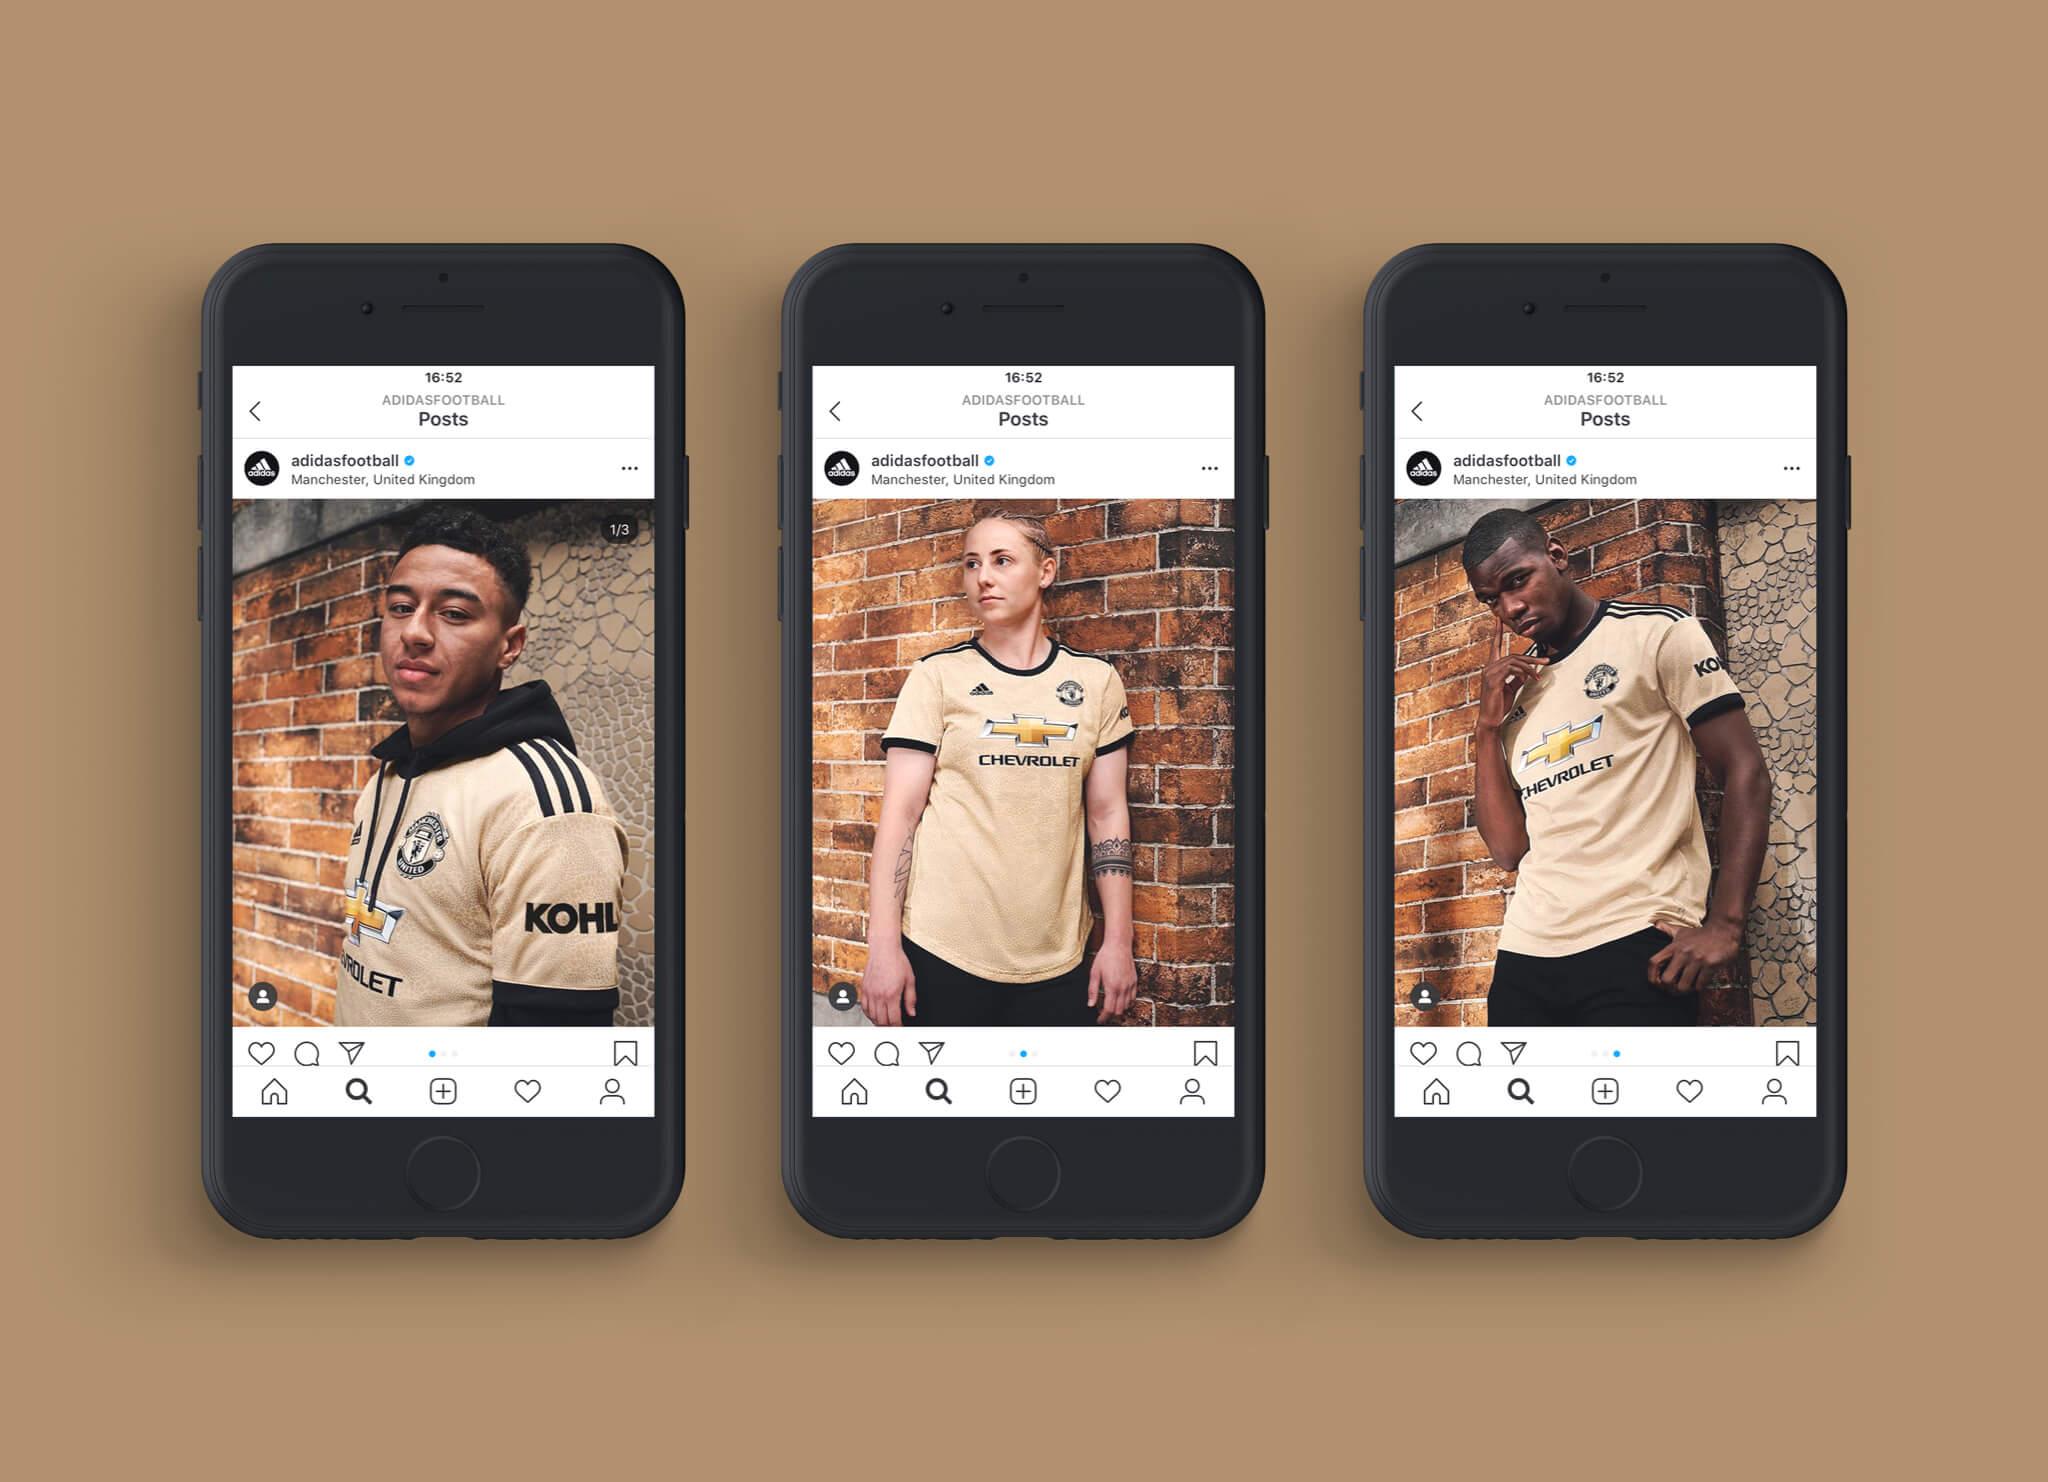 Adidas Man Utd shirts